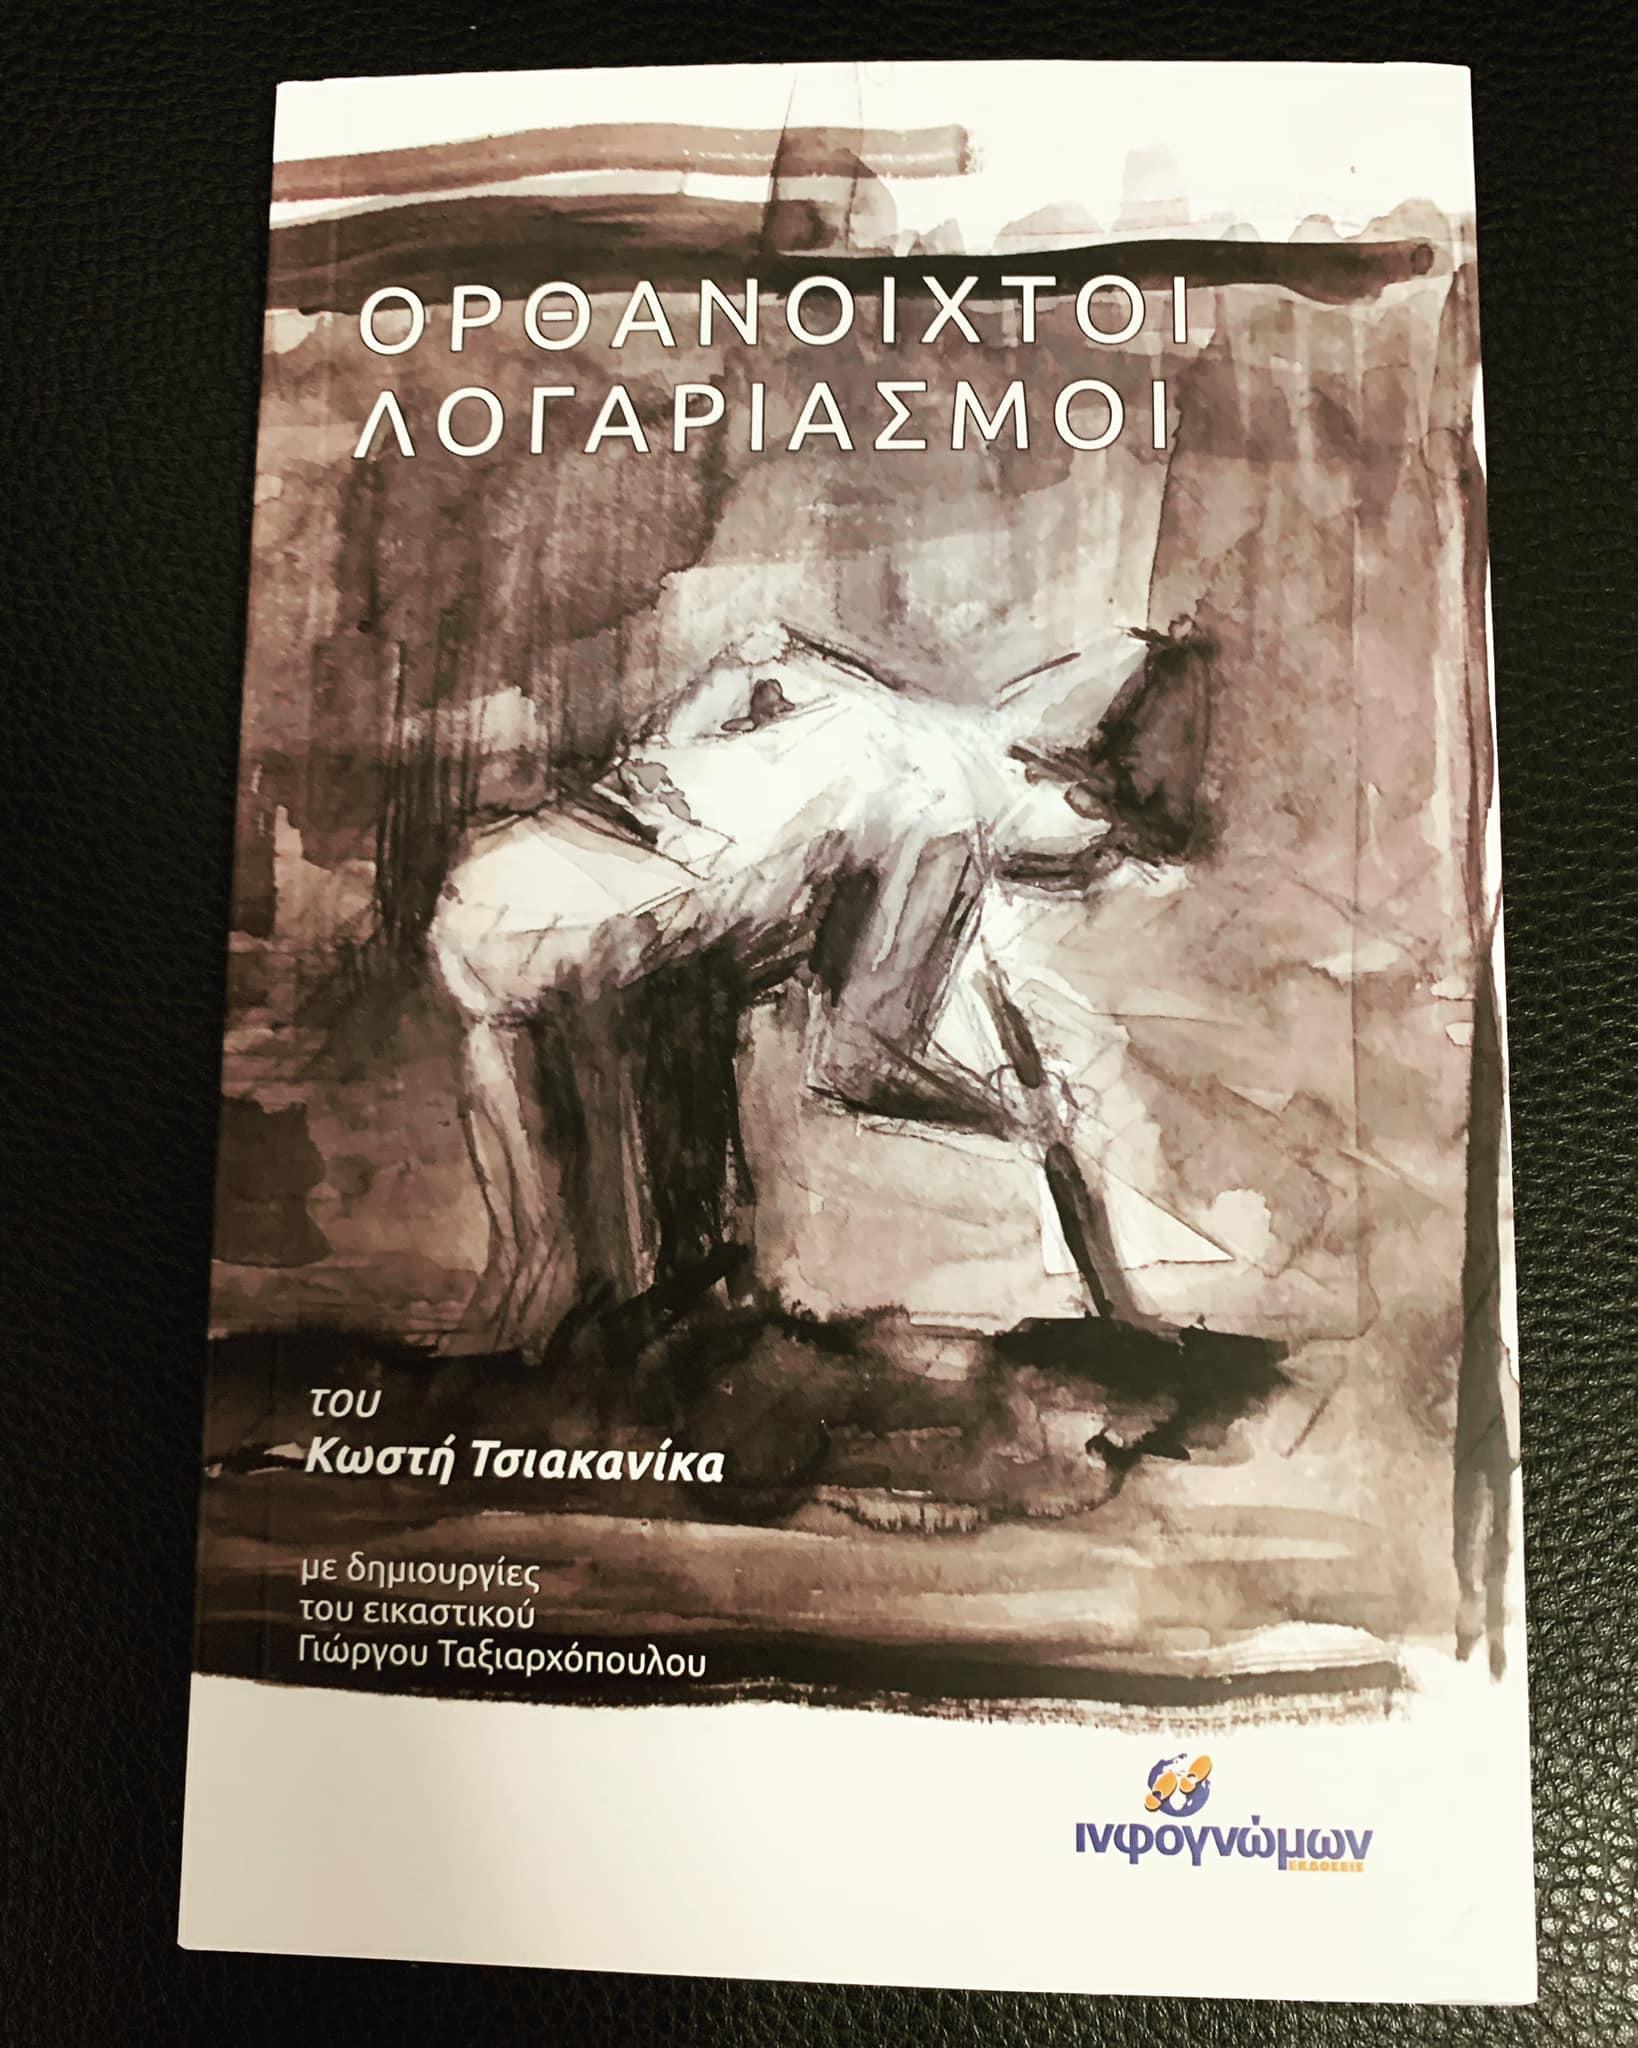 Οι Εκδόσεις Ινφογνώμων κυκλοφορούν το βιβλίο του δημοσιογράφου Κωστή Τσιακανίκα: «ΟΡΘΑΝΟΙΧΤΟΙ ΛΟΓΑΡΙΑΣΜΟΙ»